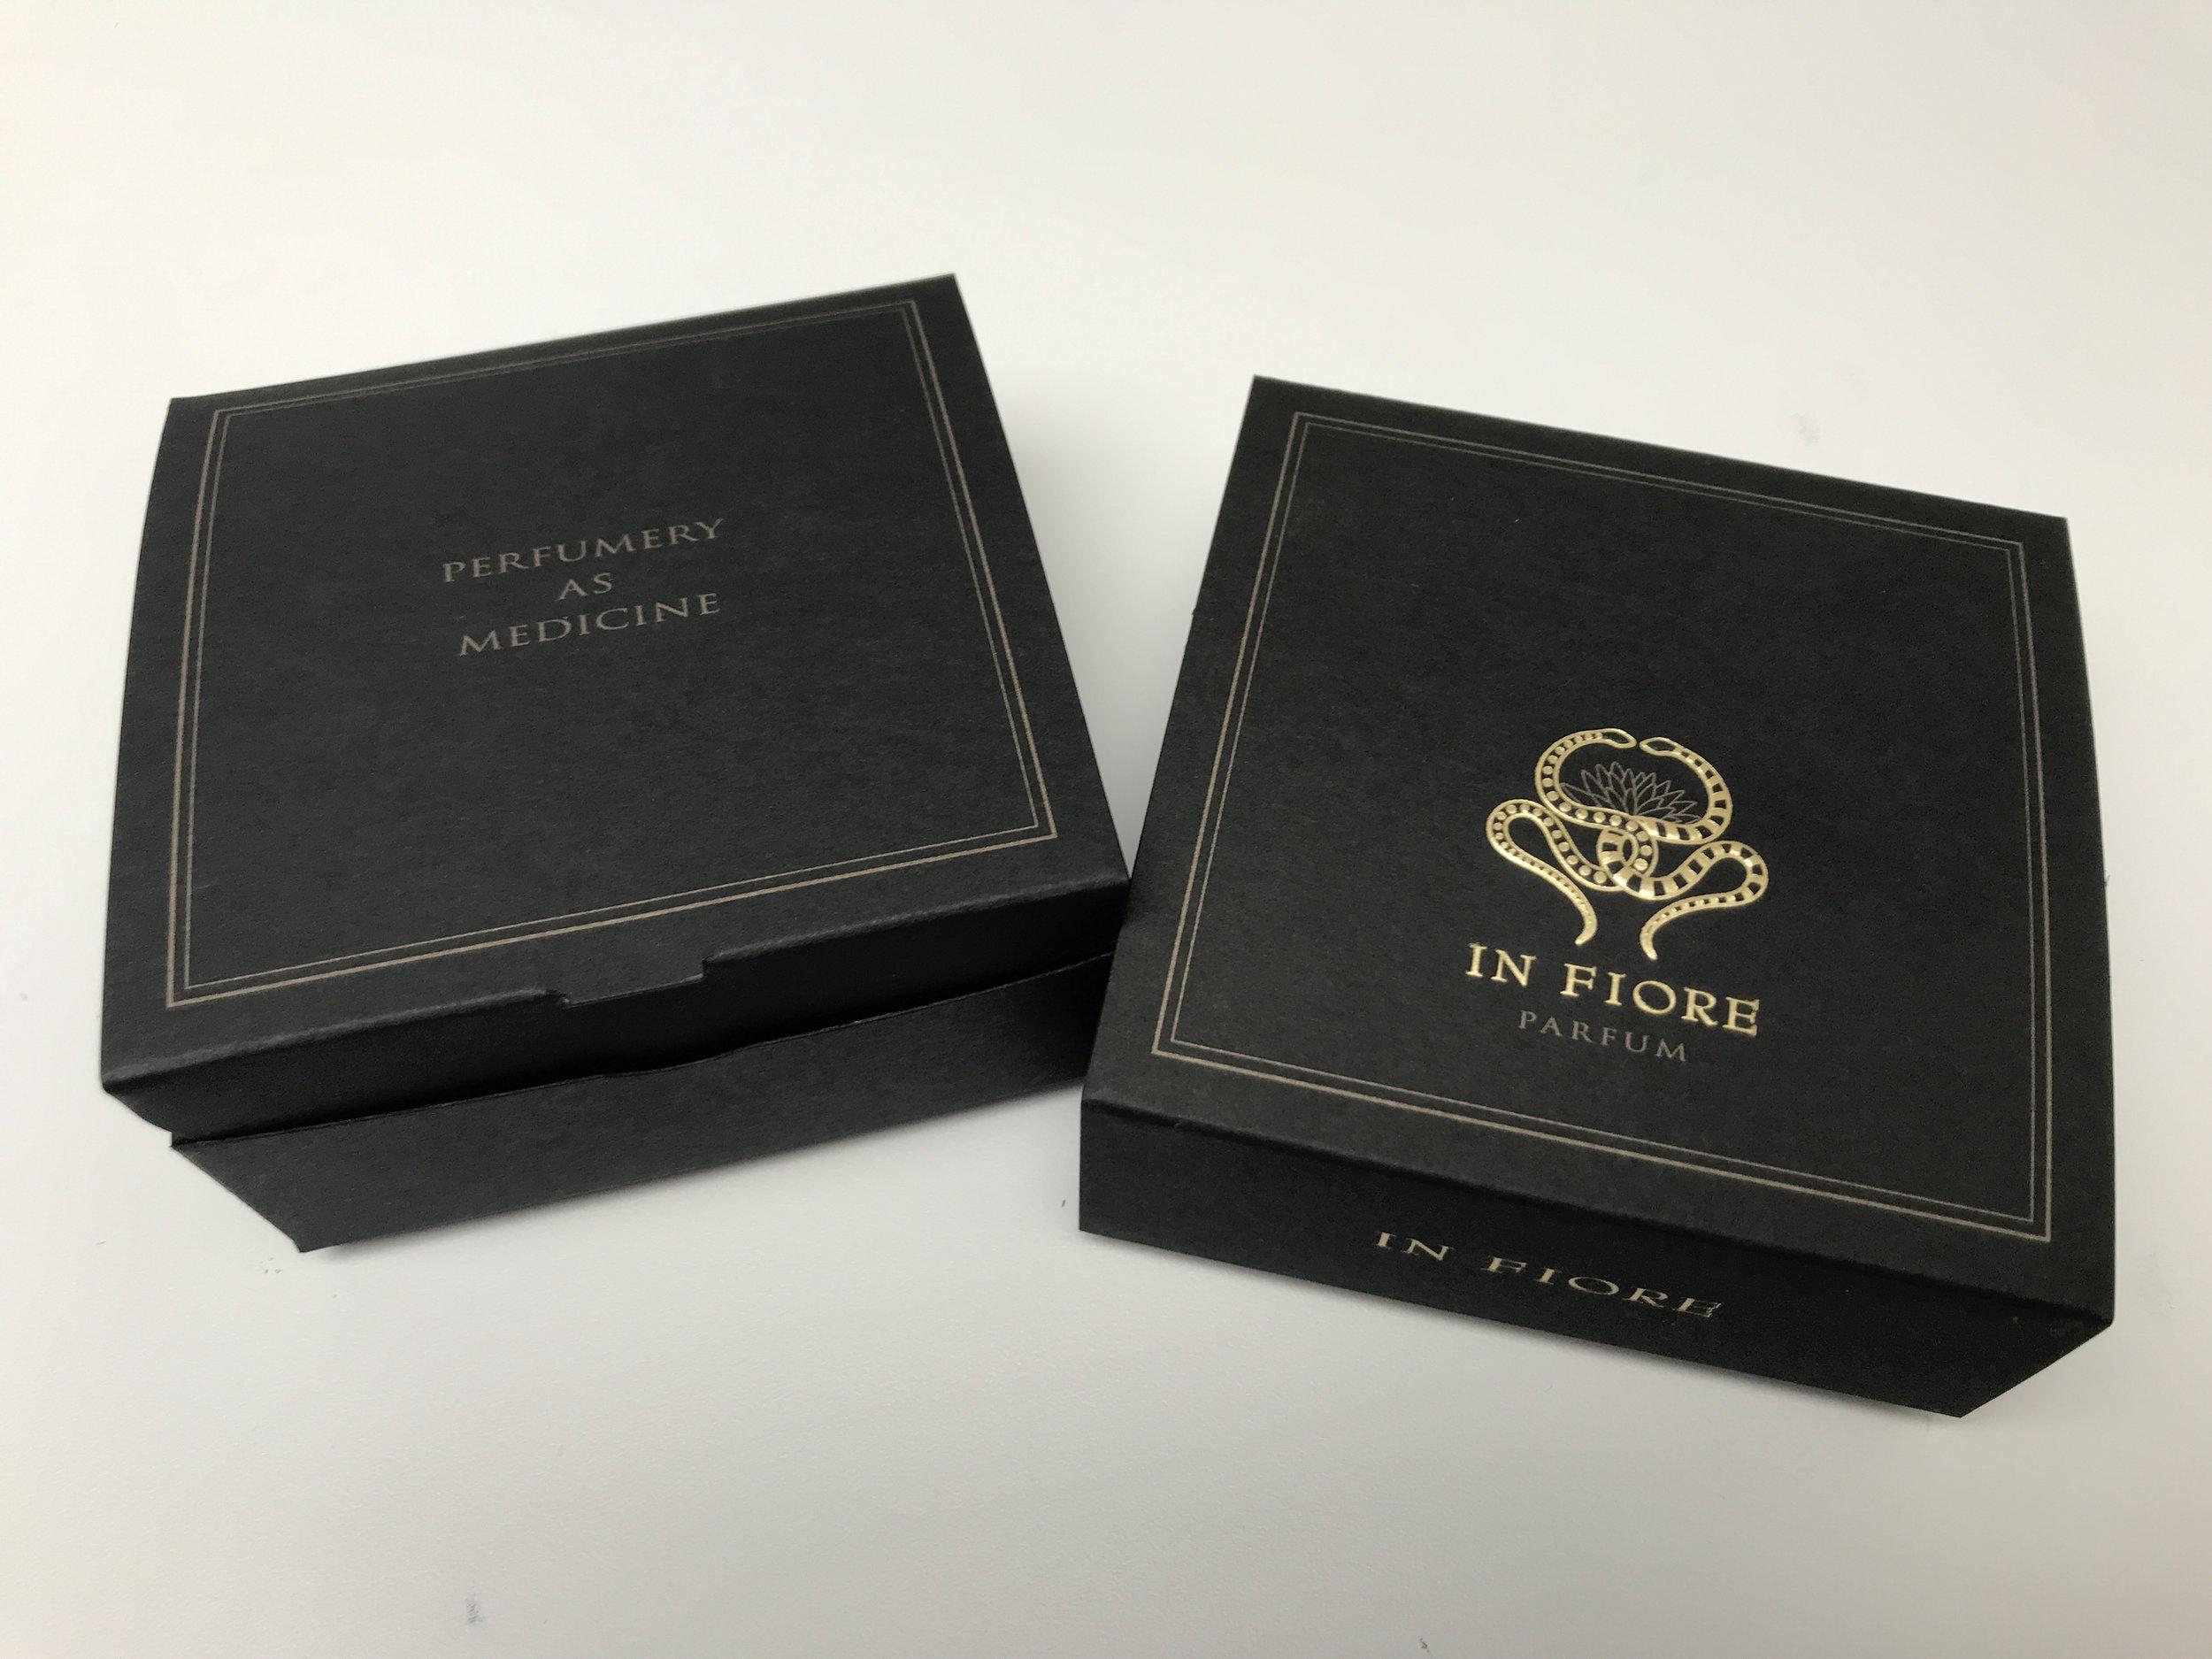 In Fiore perfume box